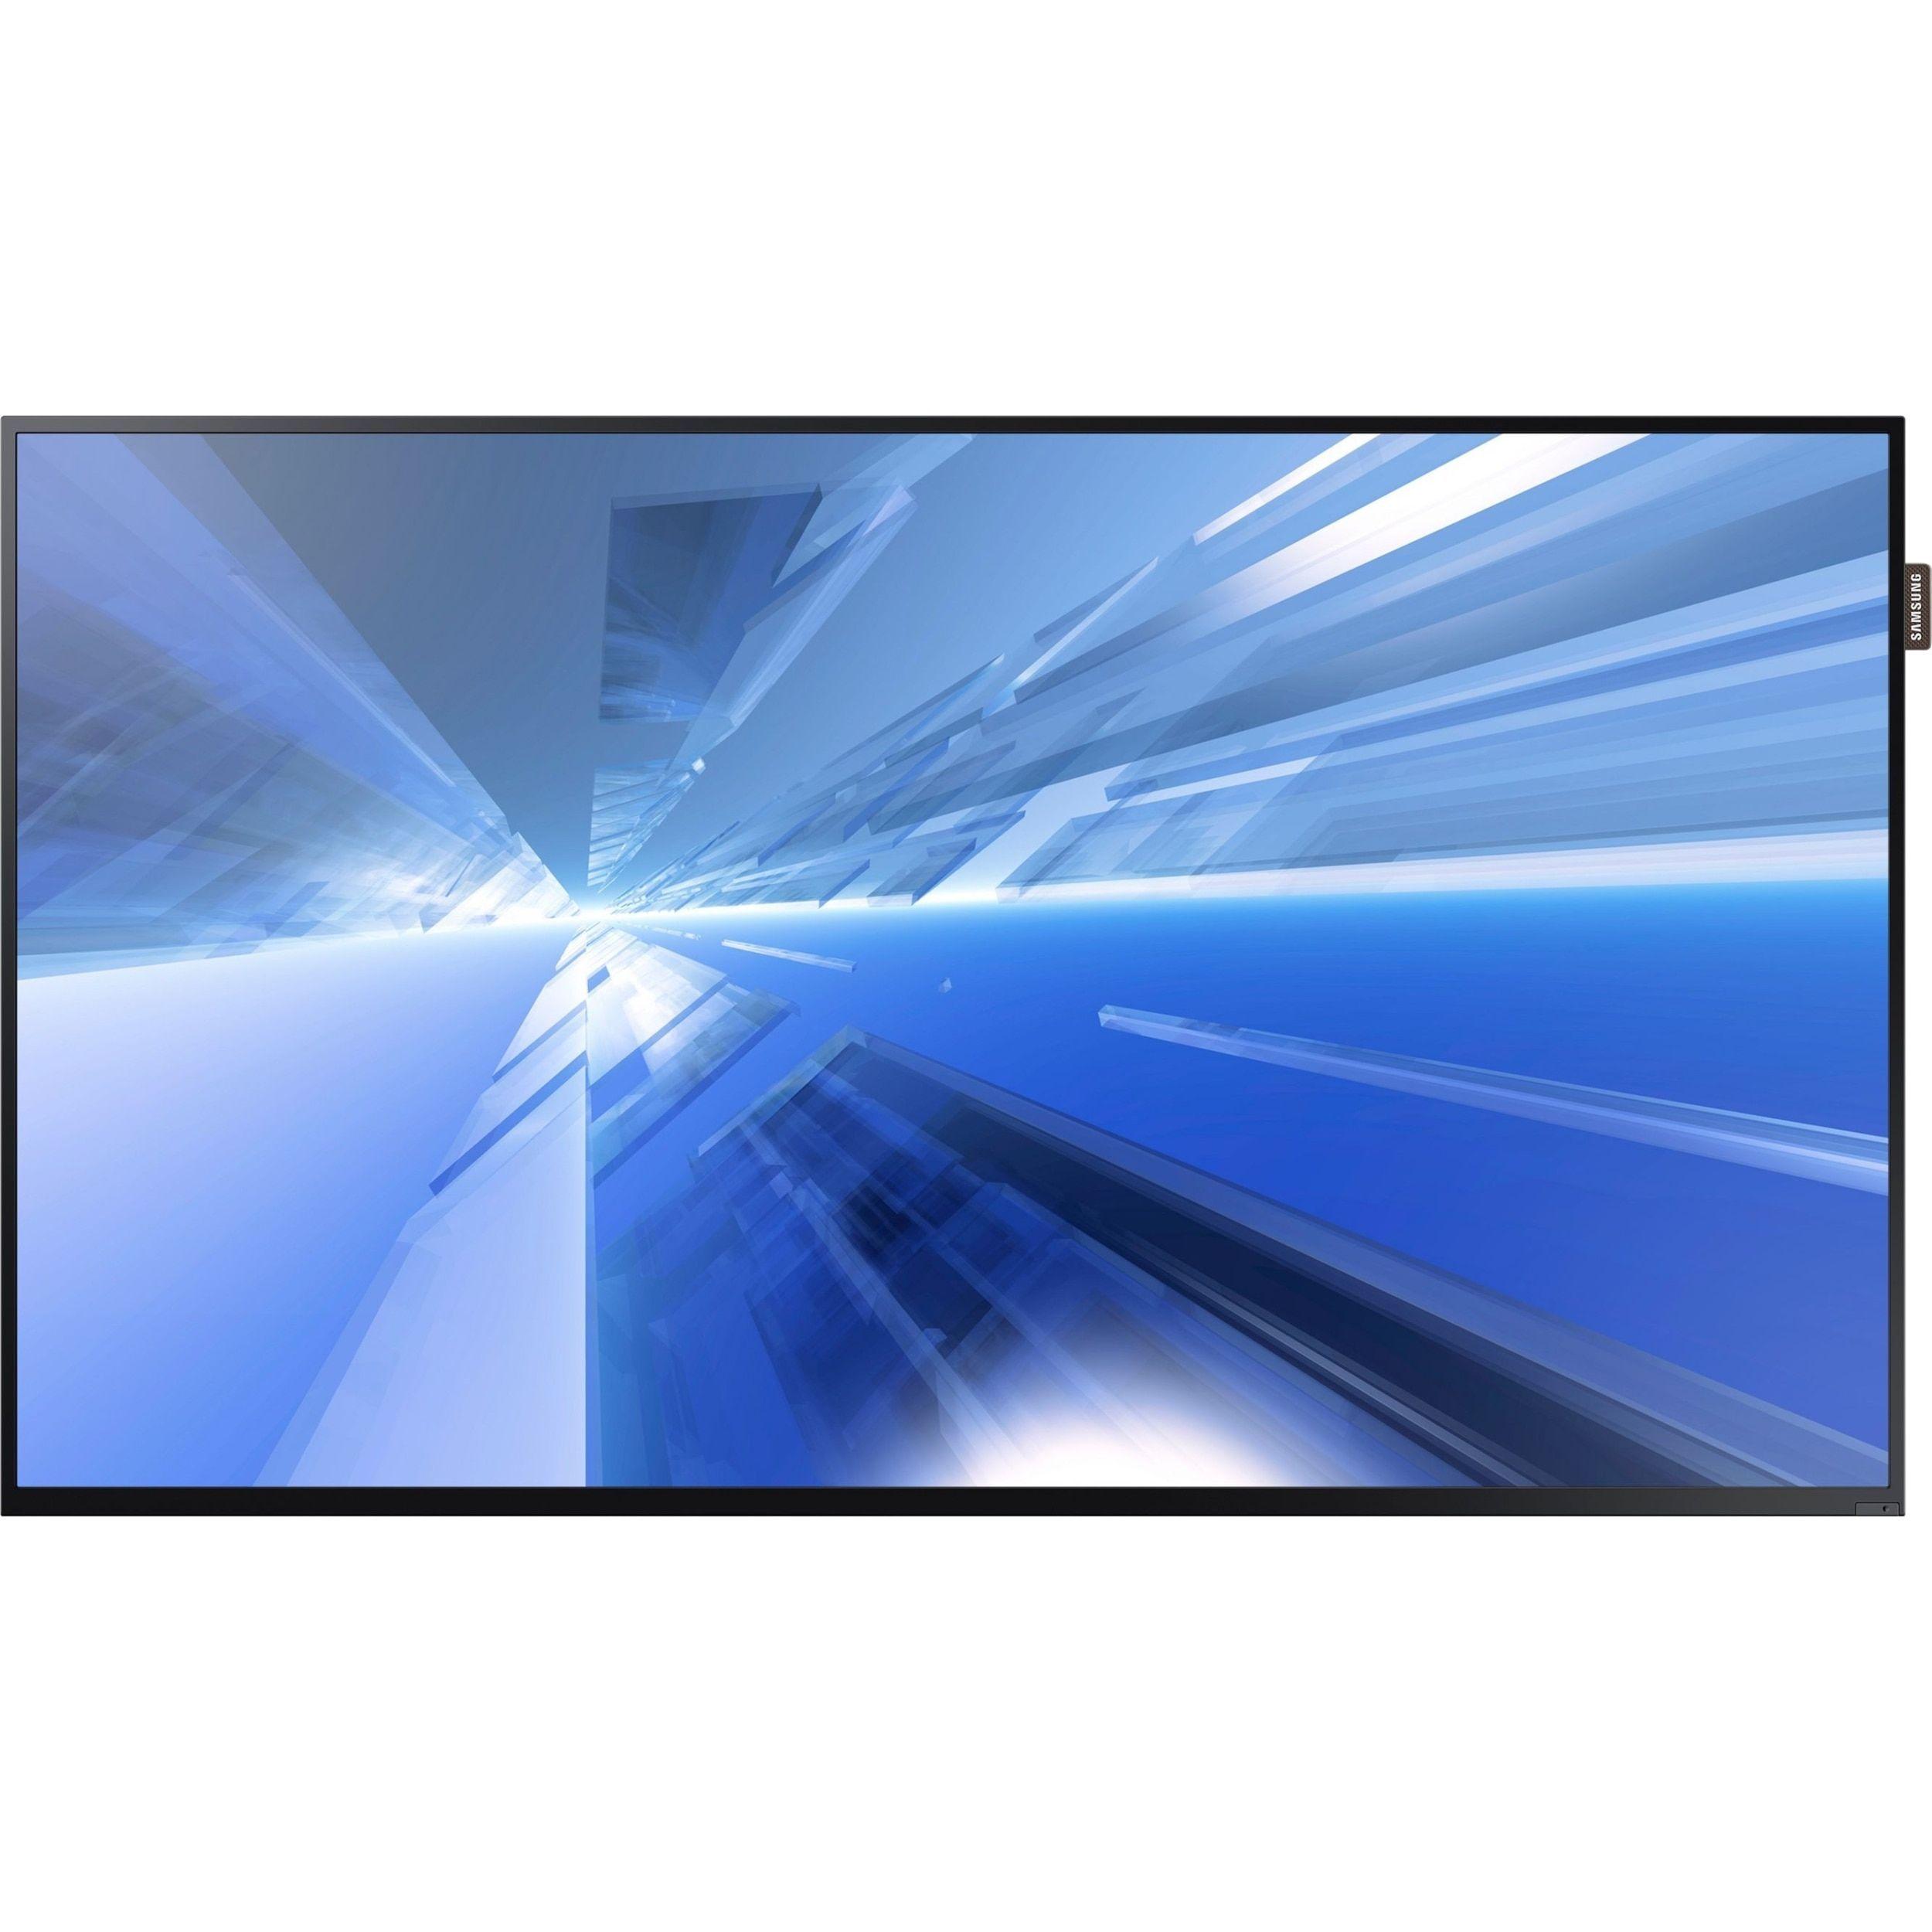 Samsung Db55e Db E Series 55 Slim Direct Lit Led Display